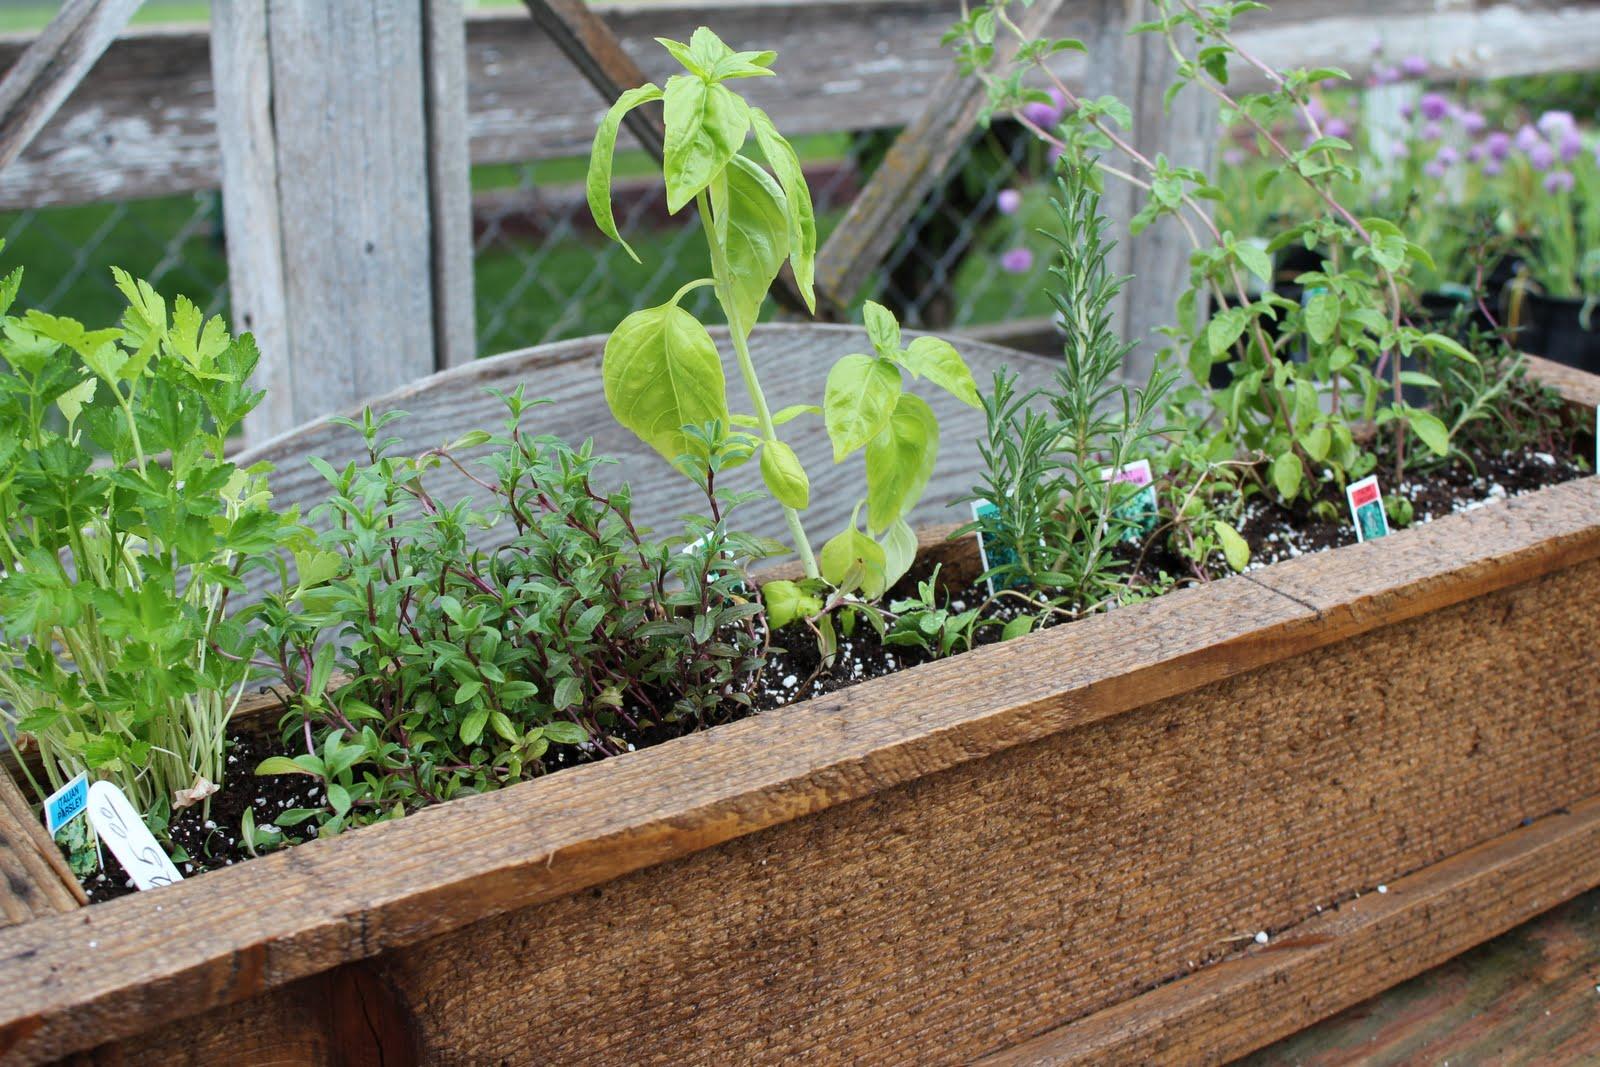 The Simpler Life At Perennial Gardens Patio Herb Garden